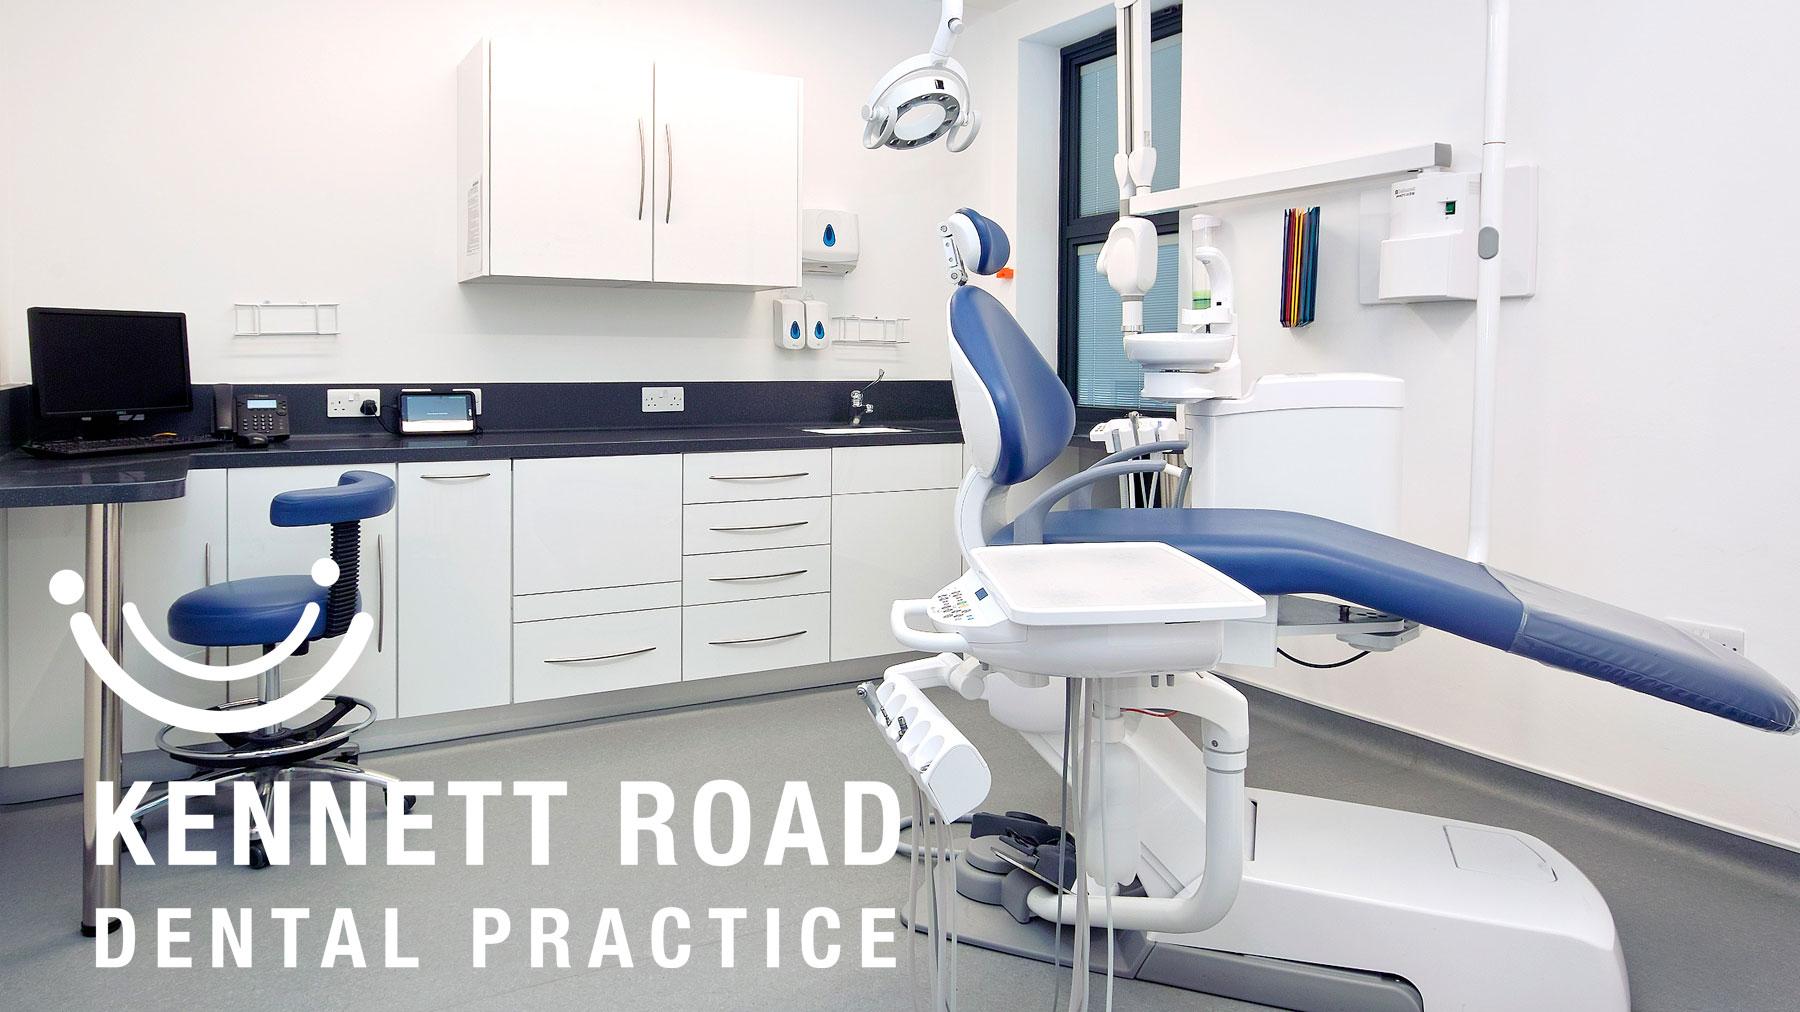 Kennett Road Dental Practice